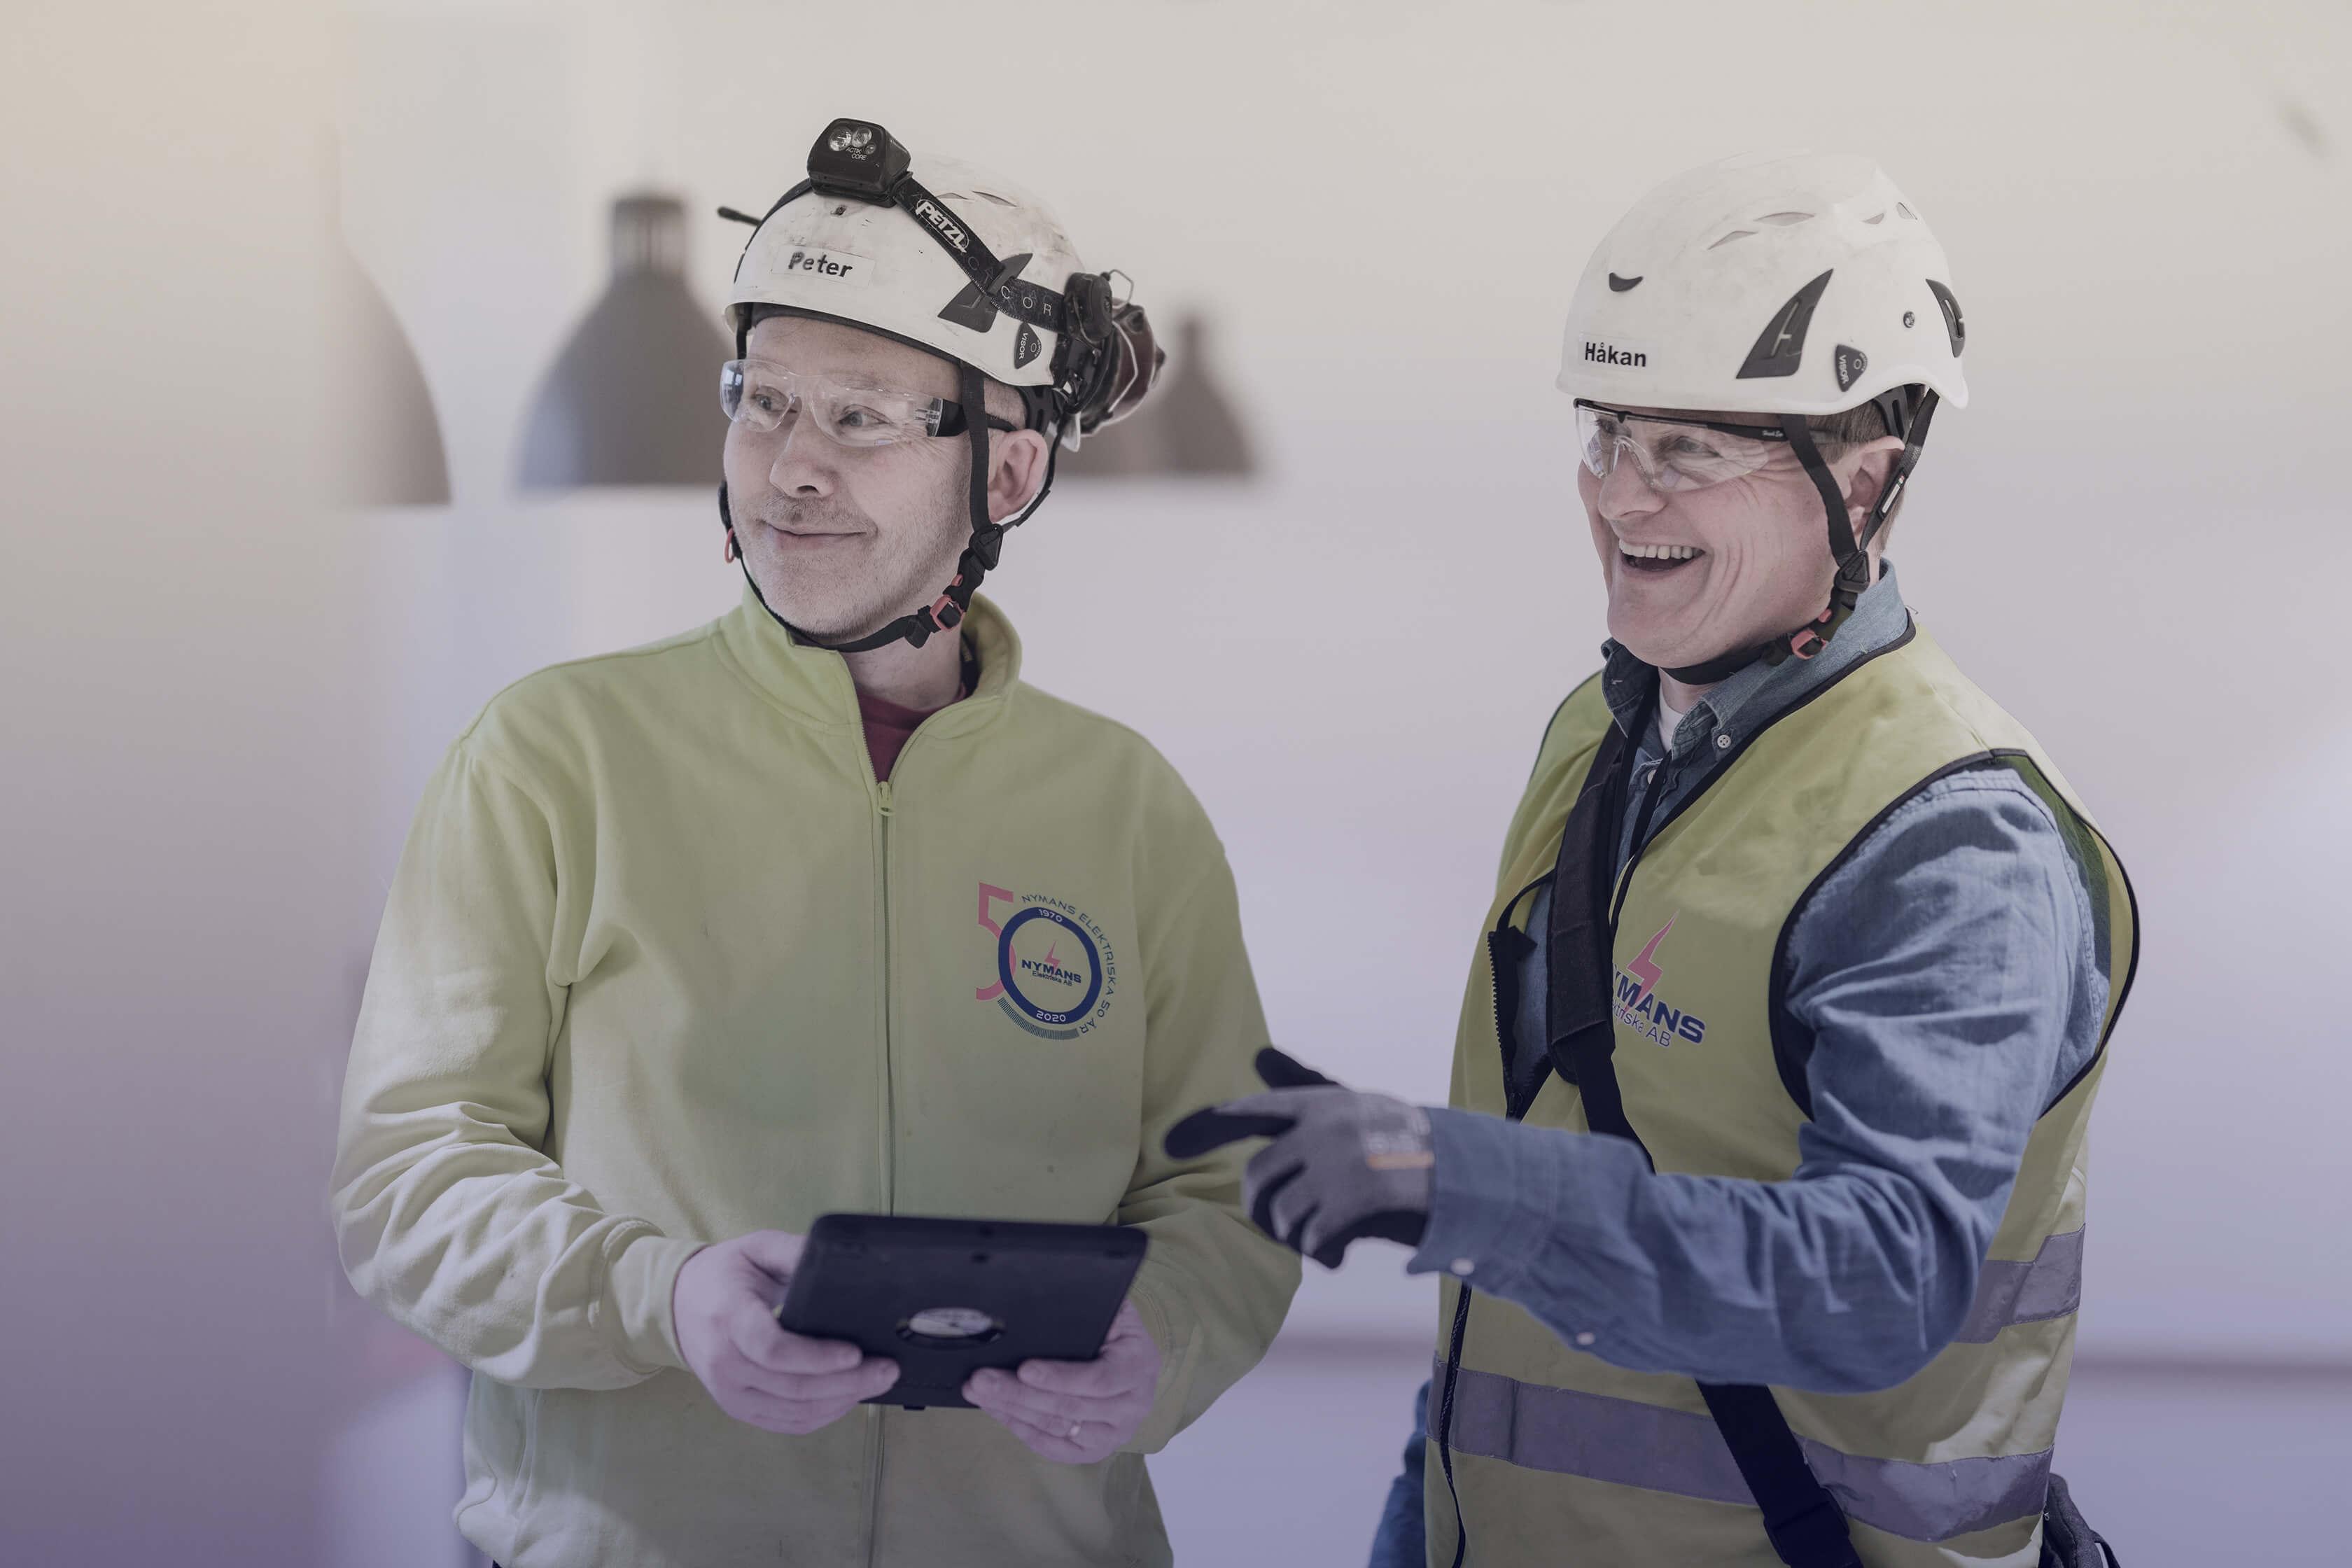 Två glada män med arbetskläder och skyddshjälmar.